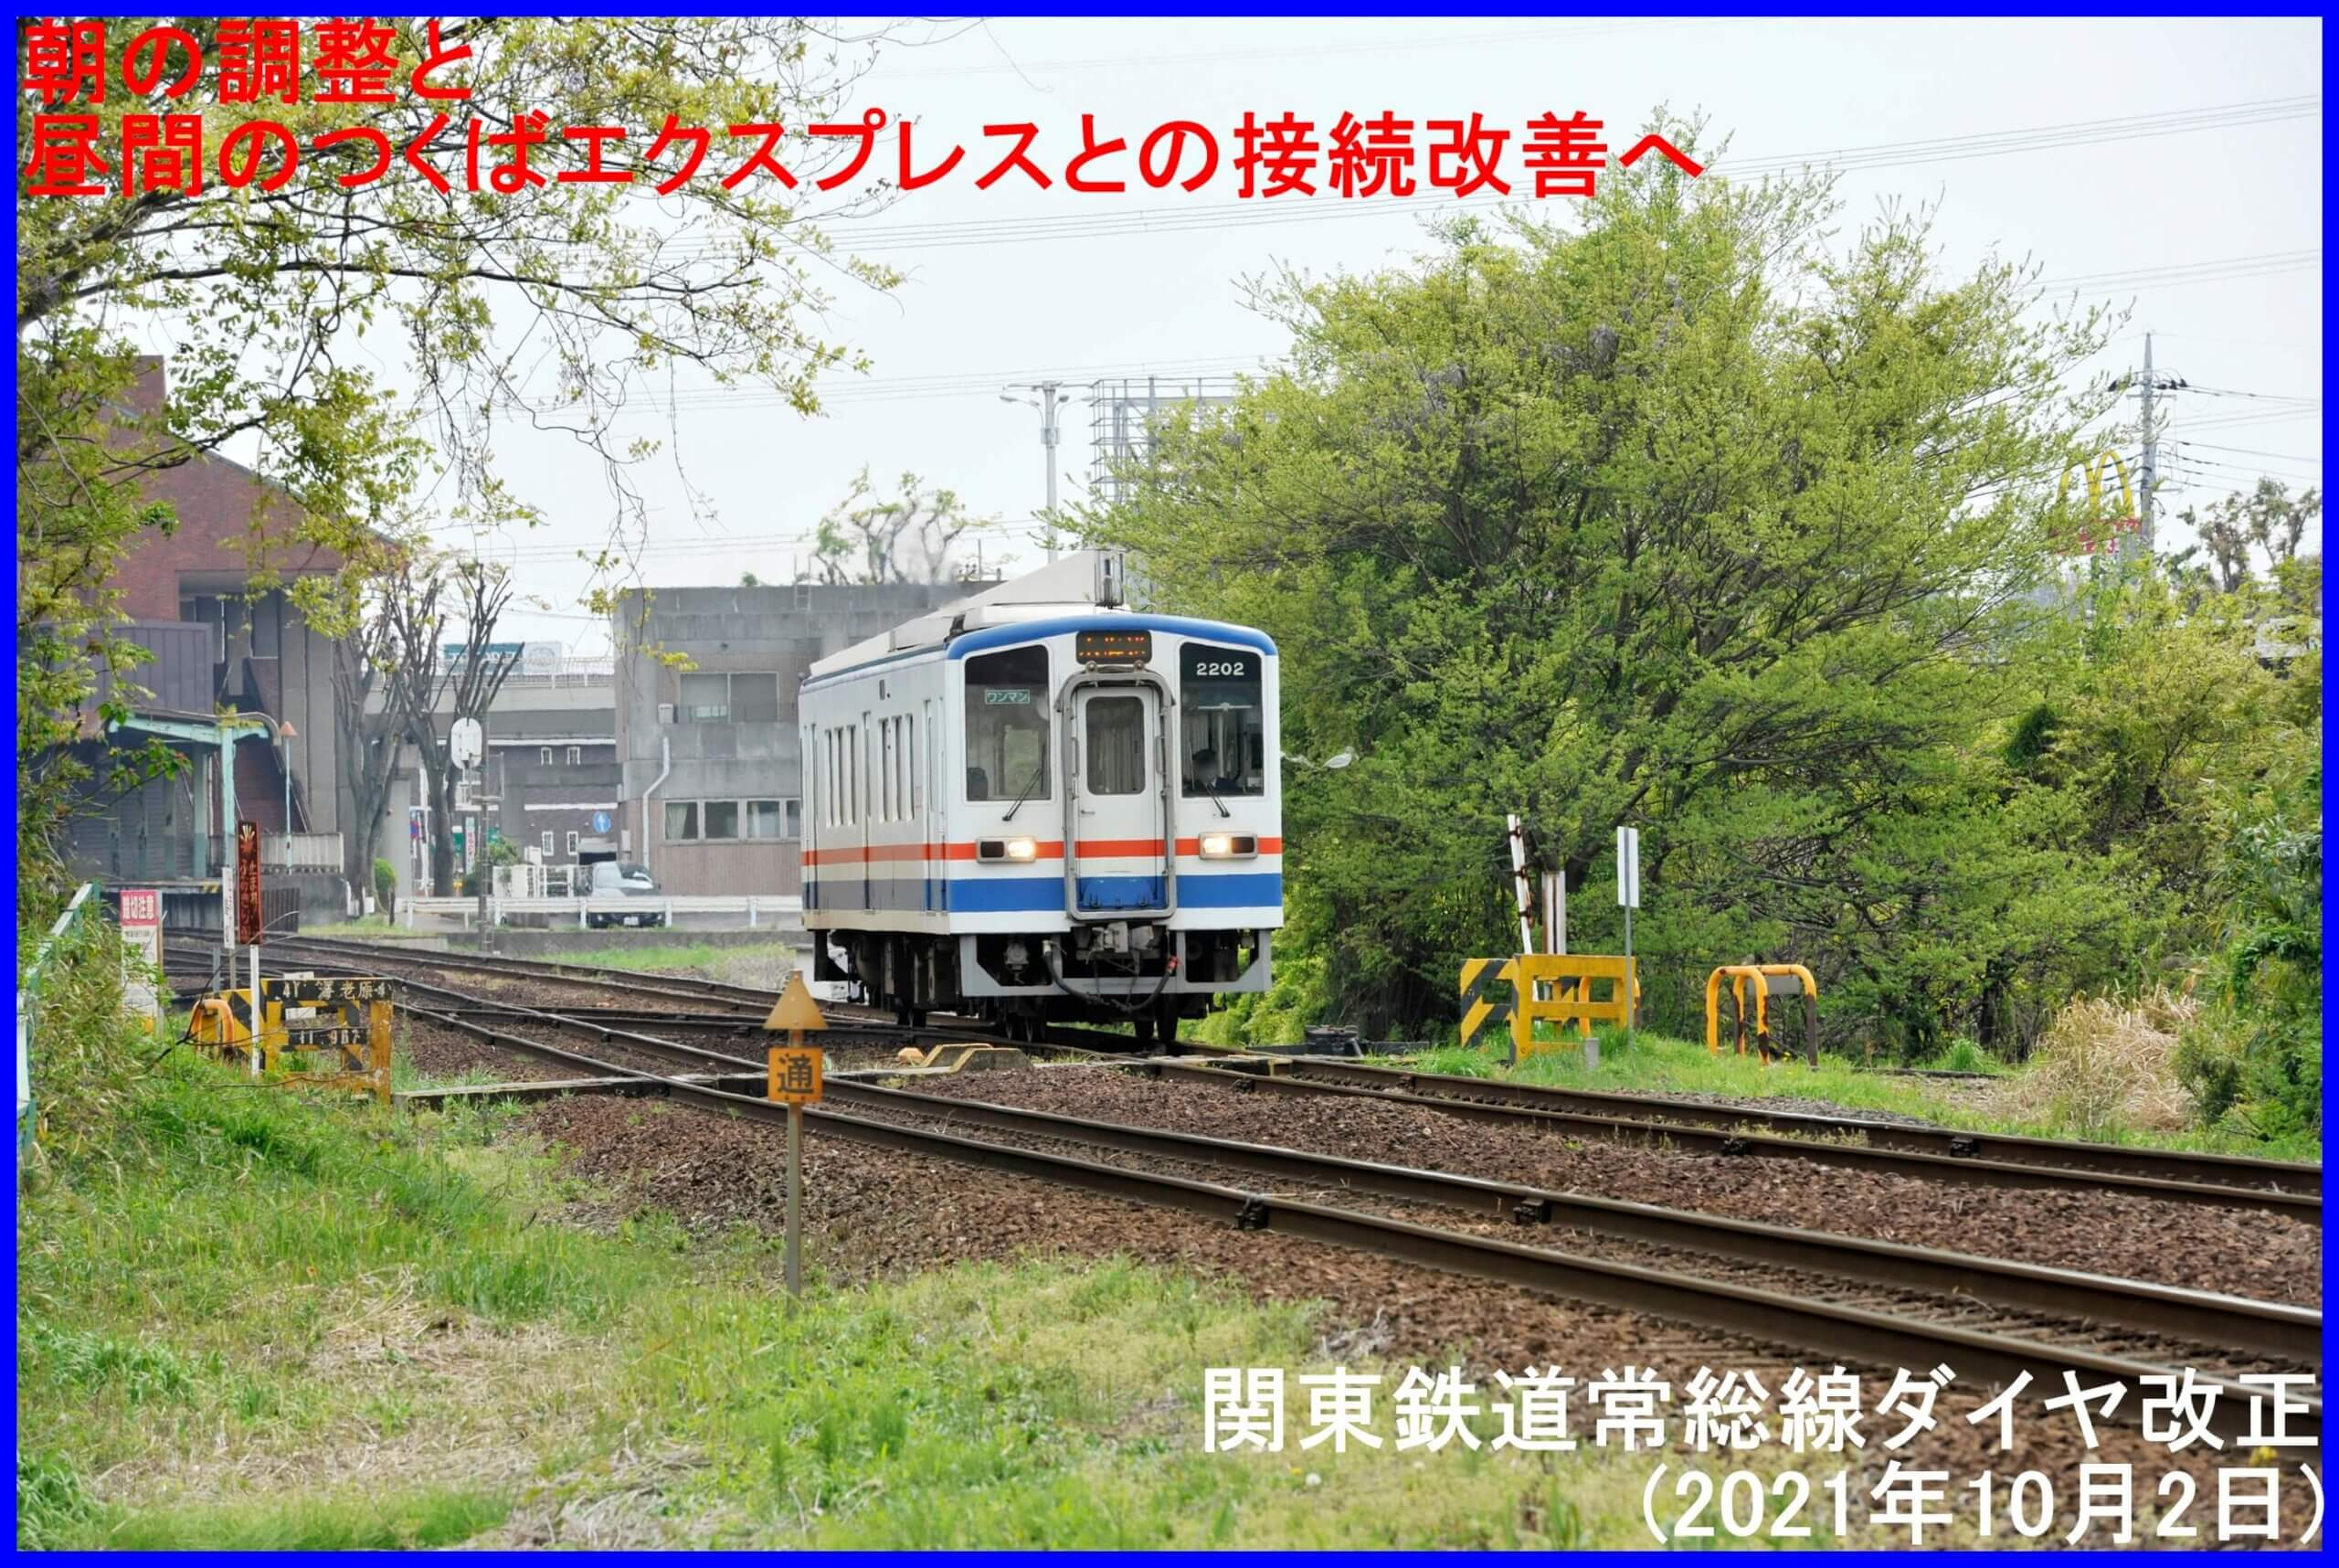 朝の調整と昼間のつくばエクスプレスとの接続改善へ 関東鉄道常総線ダイヤ改正(2021年10月2日)